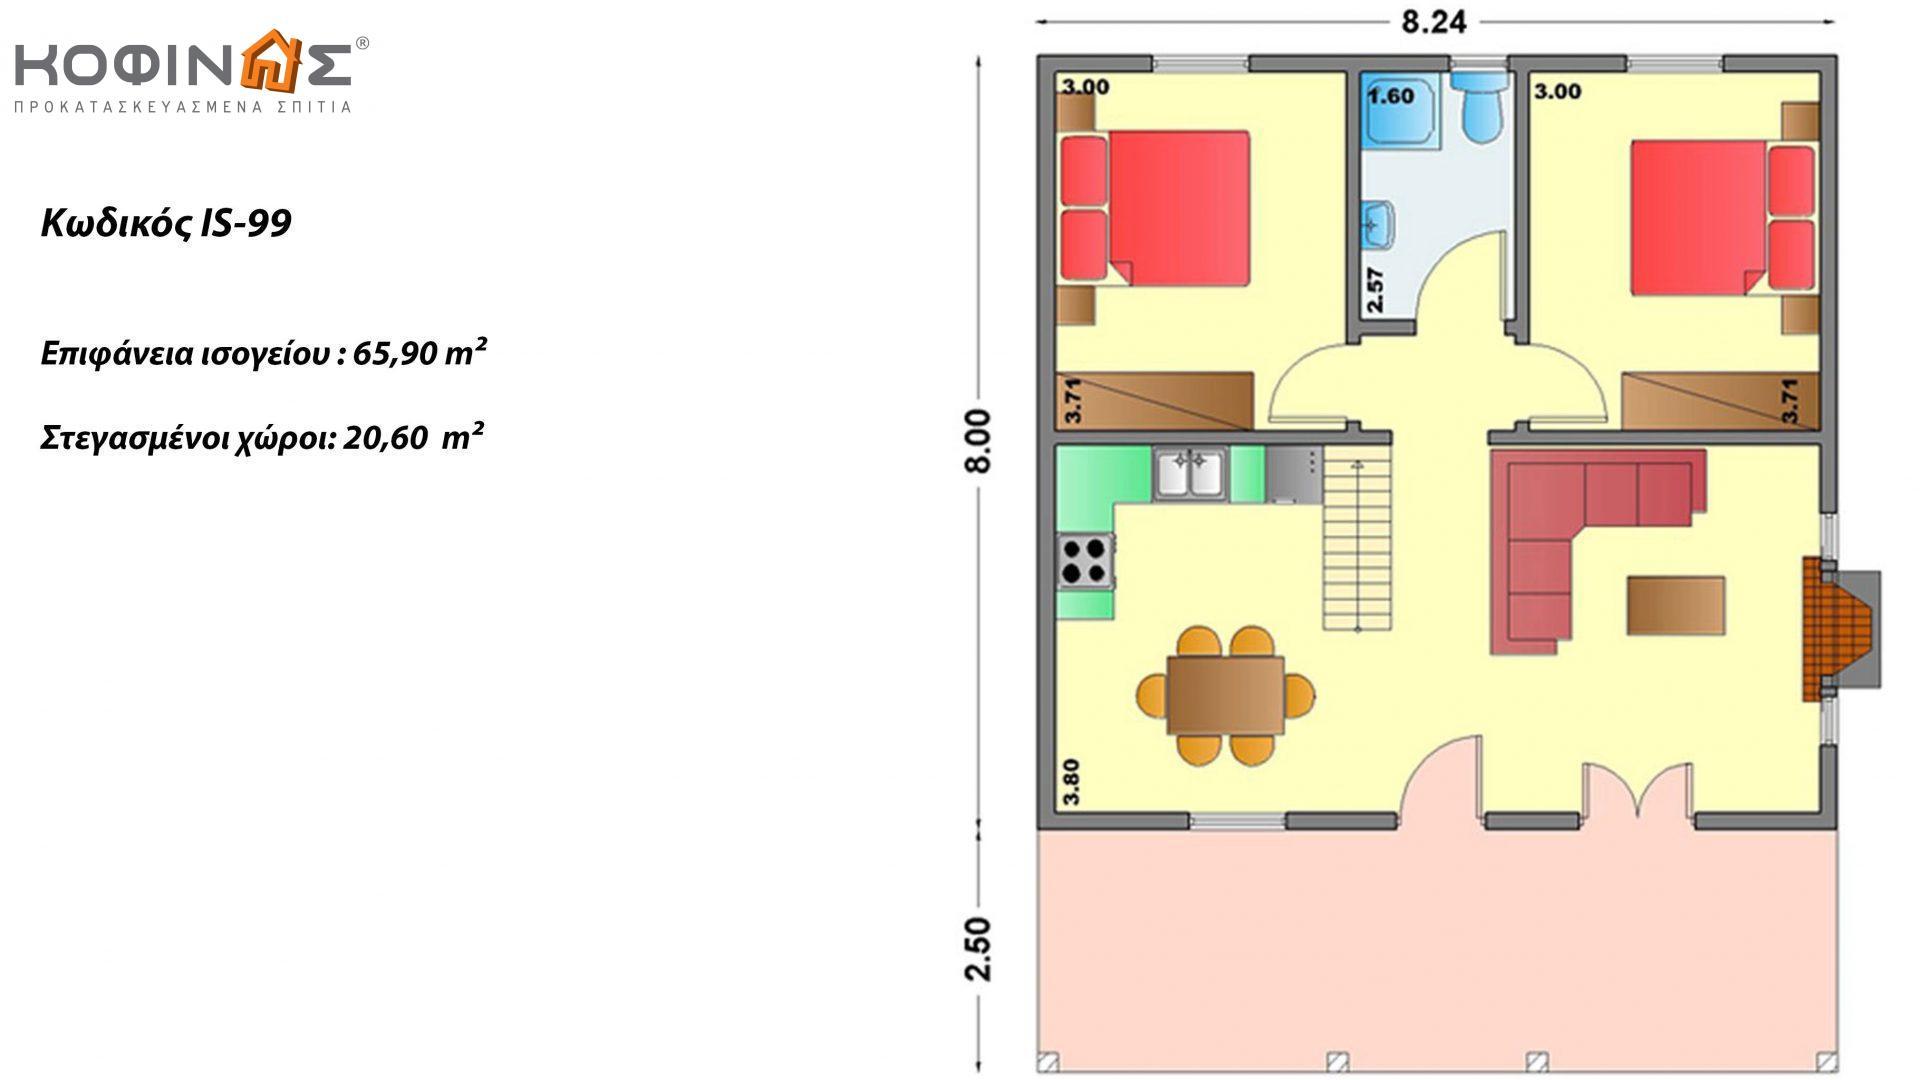 Ισόγεια Κατοικία με Σοφίτα IS-99, συνολικής επιφάνειας 99,10 τ.μ. ,συνολική επιφάνεια στεγασμένων χώρων 20,60 τ.μ.